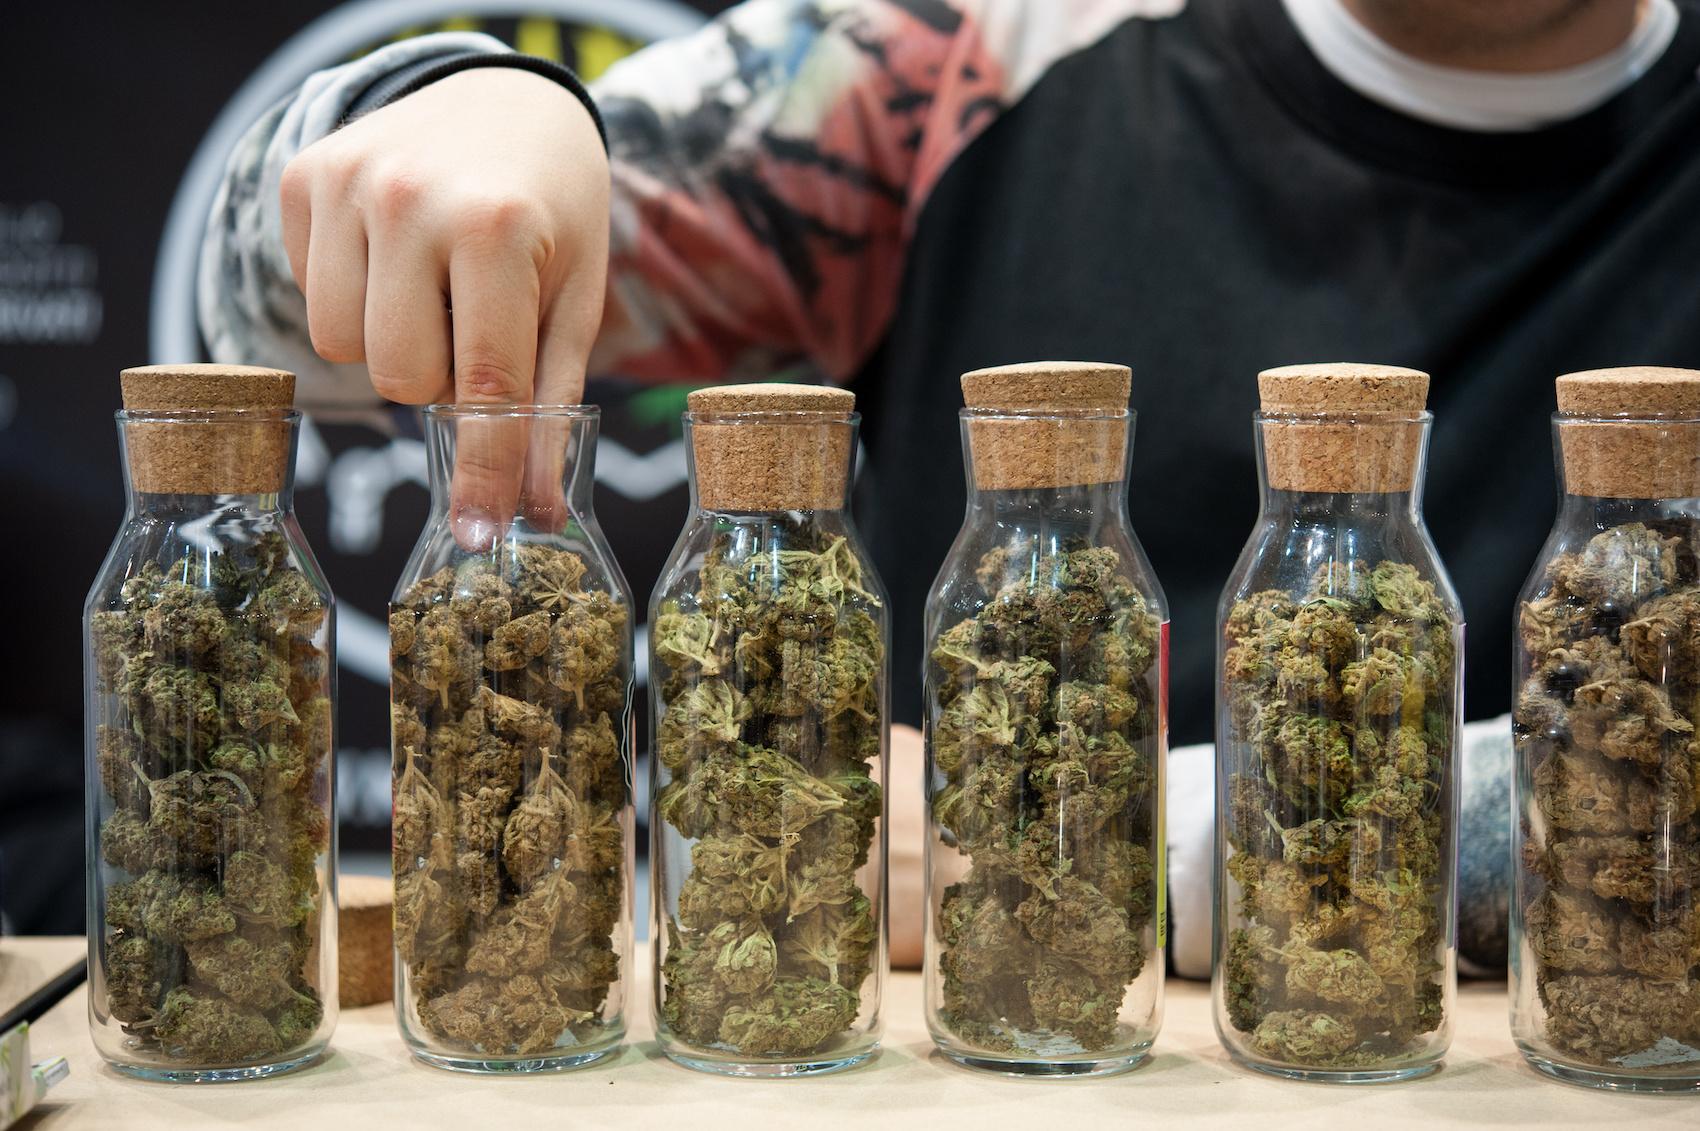 Delta-8 and delta-9 cannabis flower strains